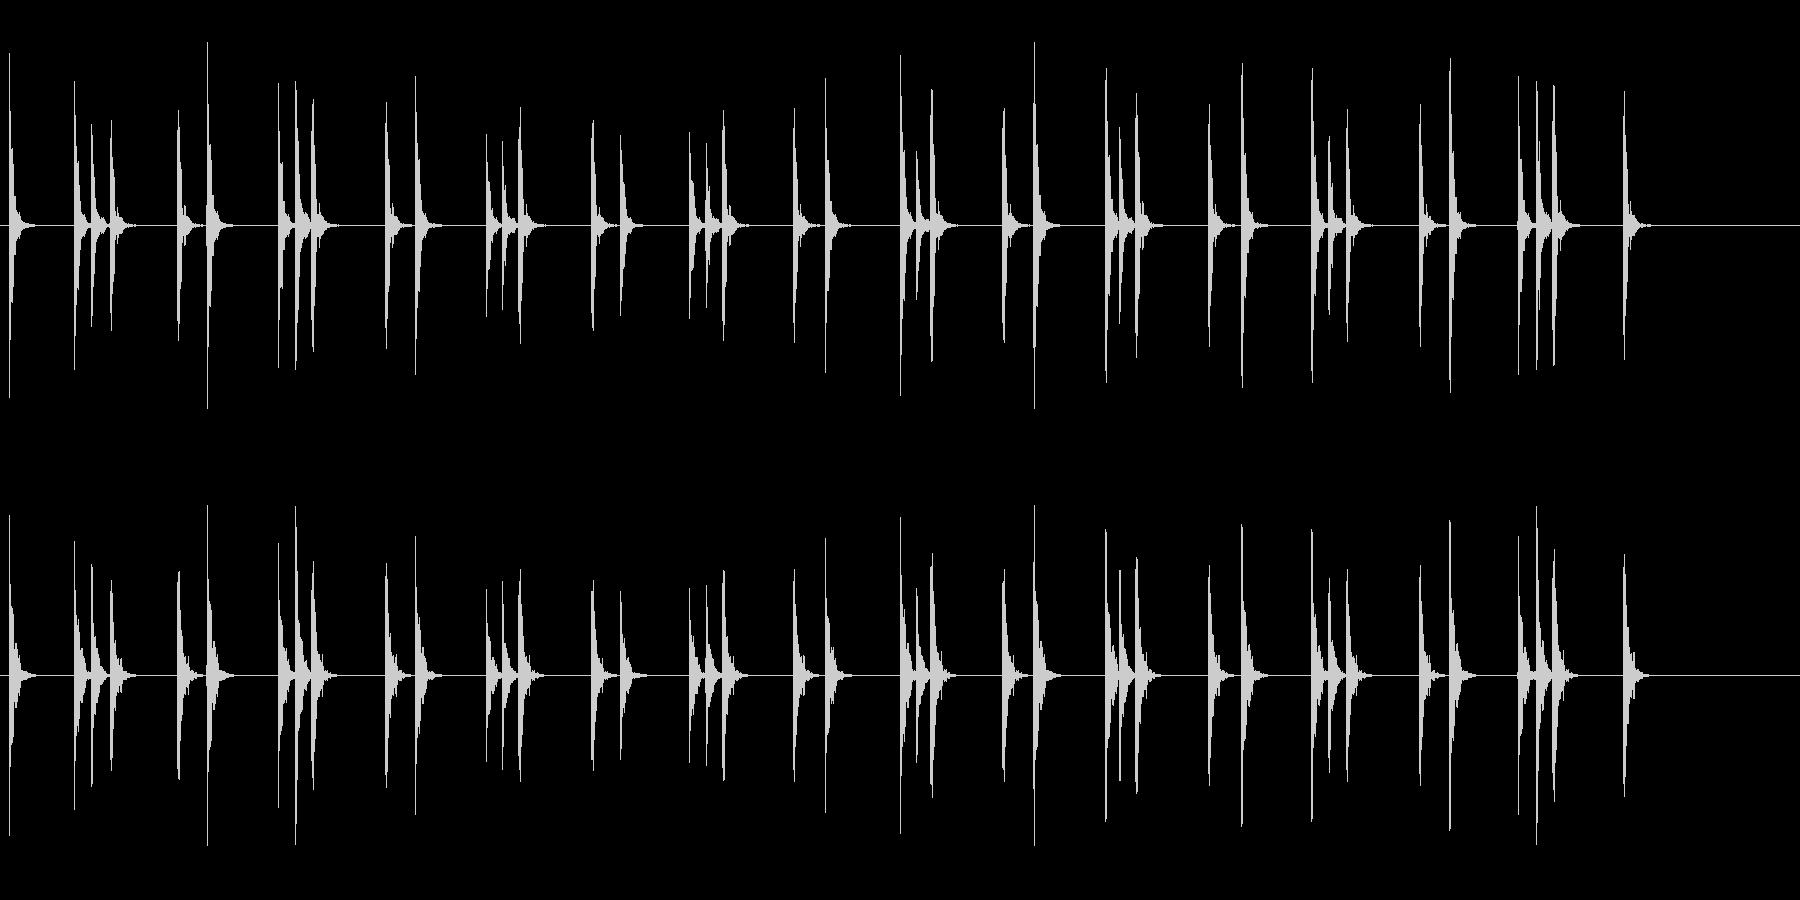 軽快な木鉦(もくしょう)のフレーズ音の未再生の波形